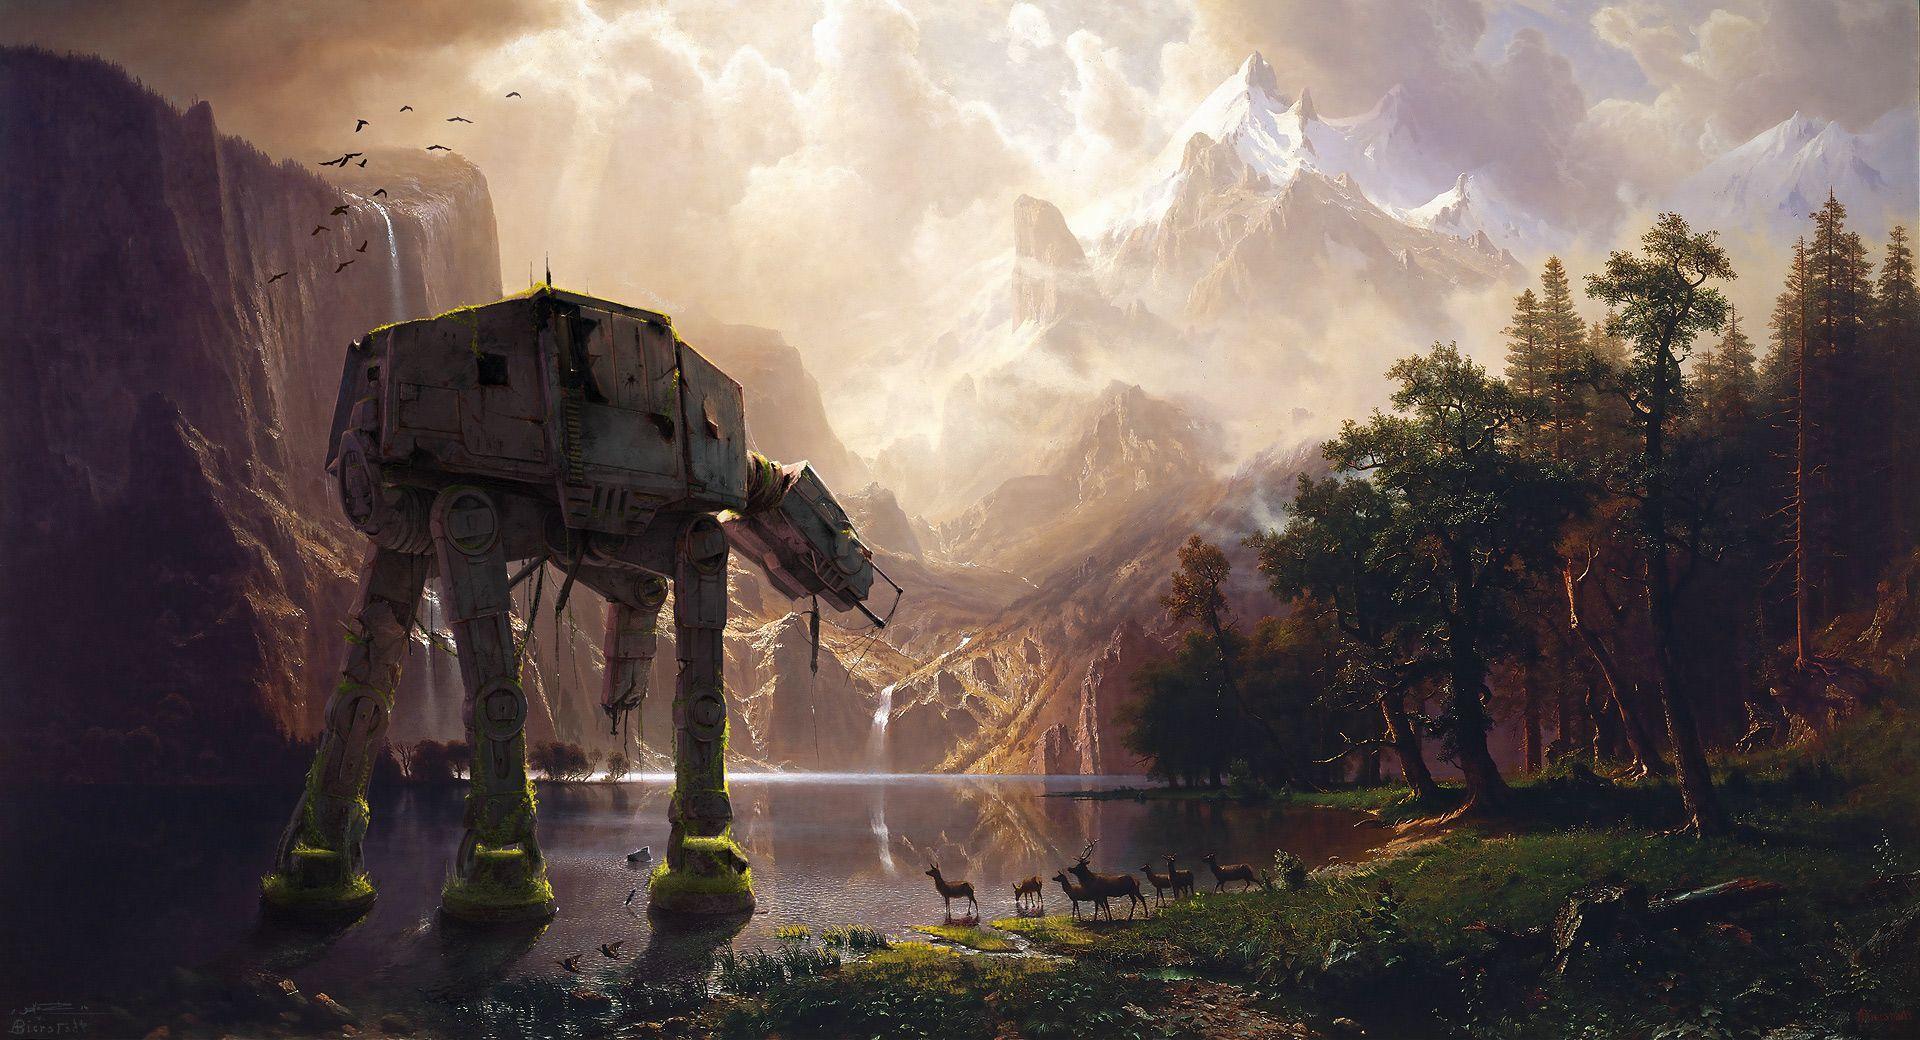 Star Wars Walker Wallpapers Top Free Star Wars Walker Backgrounds Wallpaperaccess